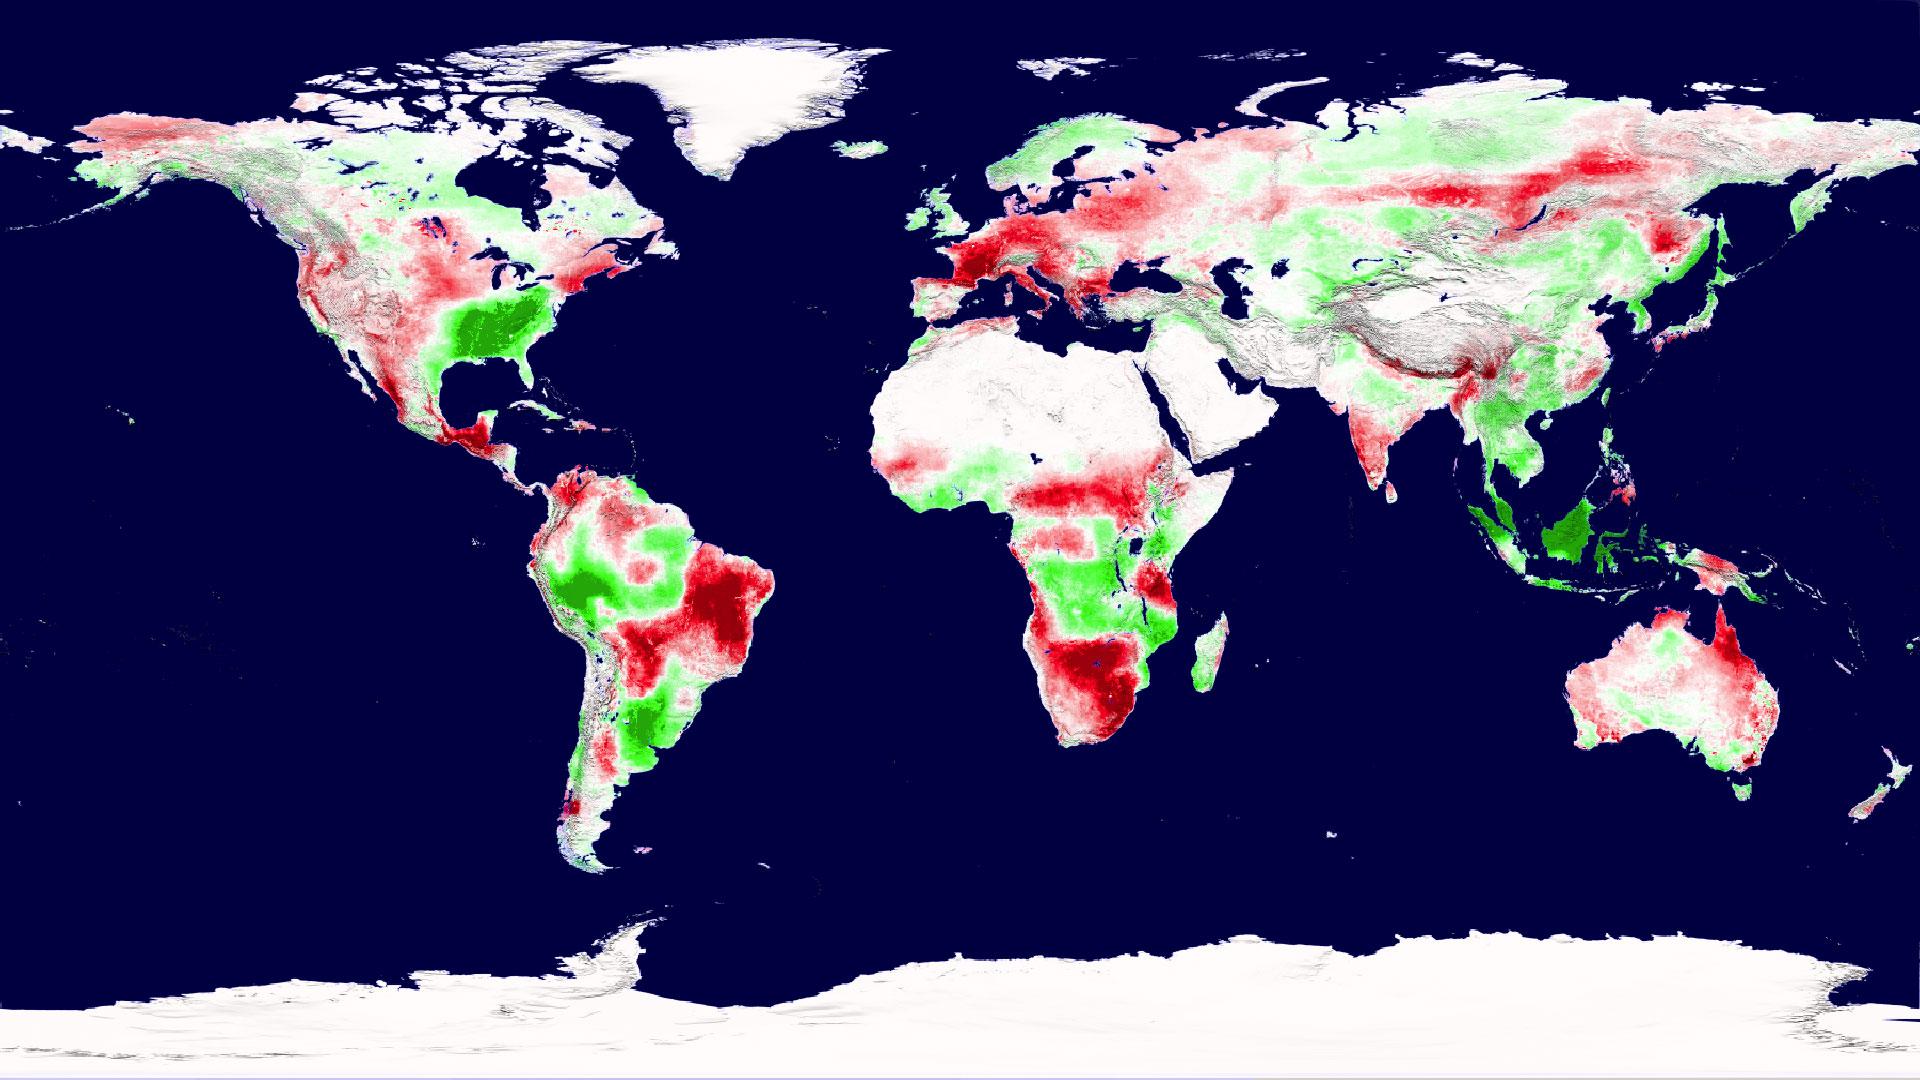 کاهش رشد گیاهان در سطح زمین